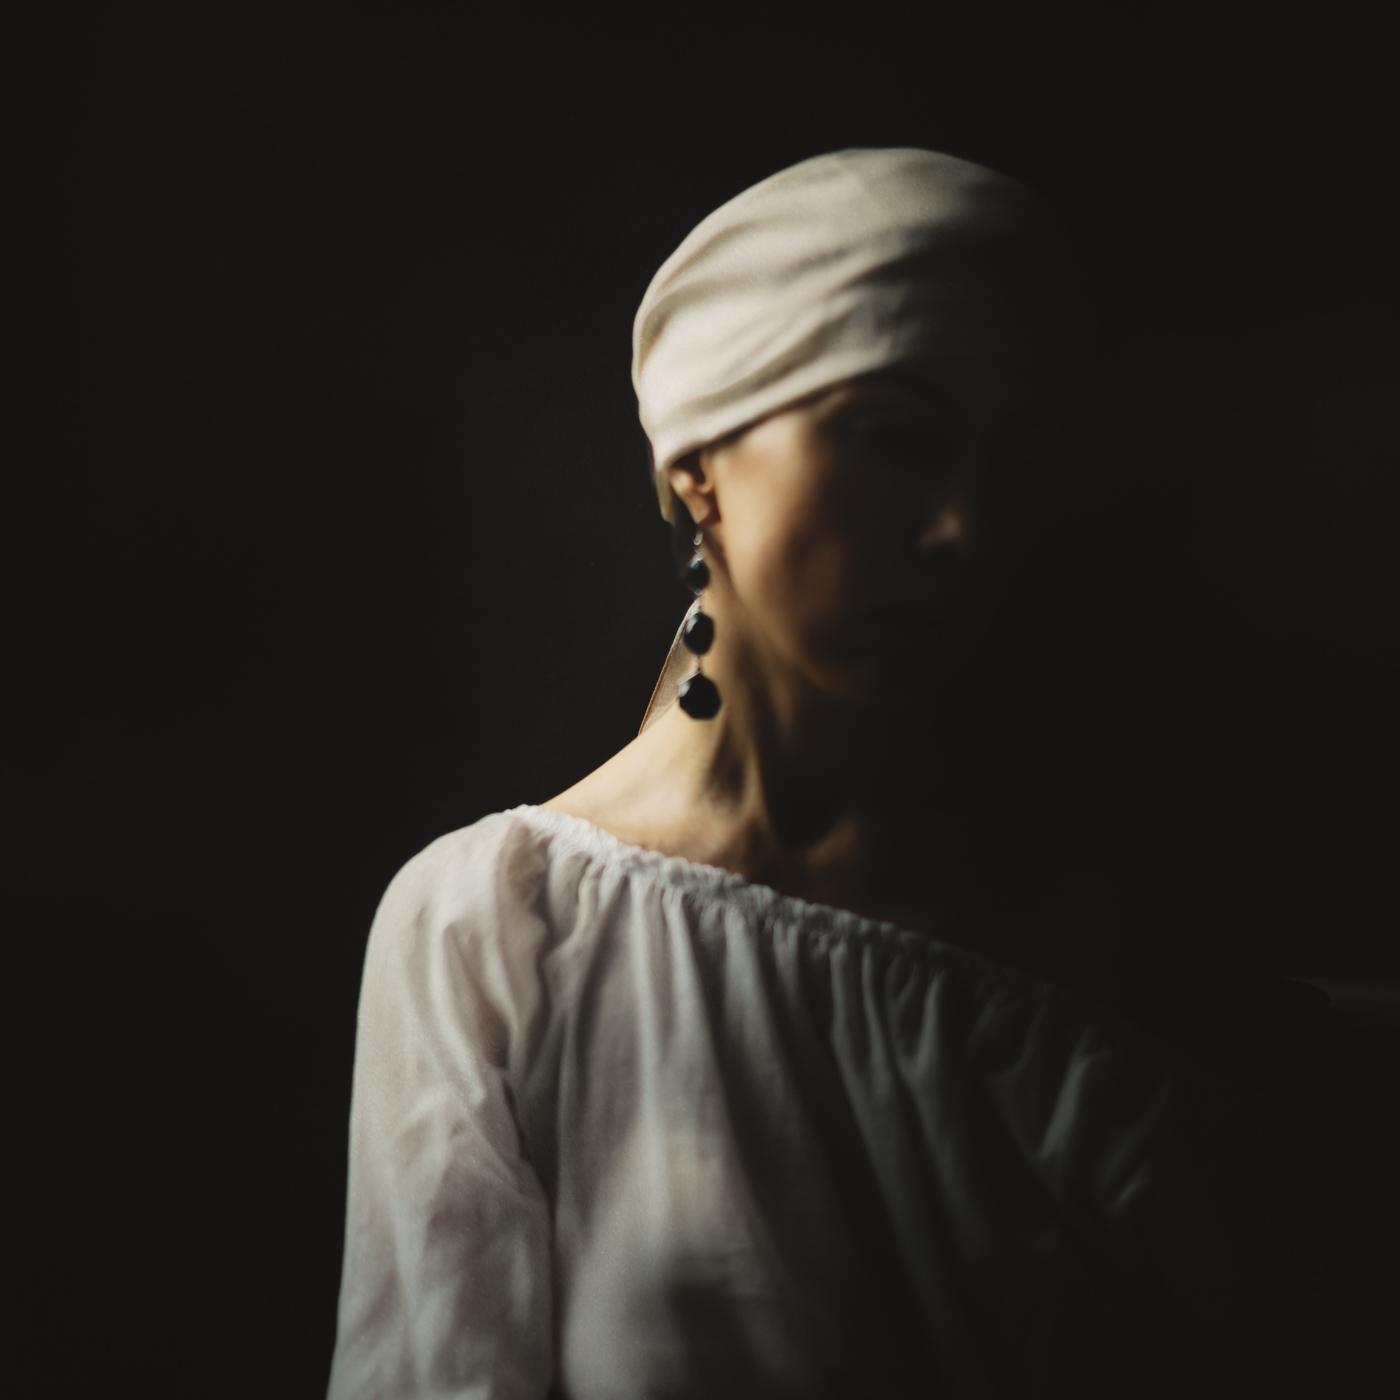 SuslovaE-TenderFabric-Womanhood